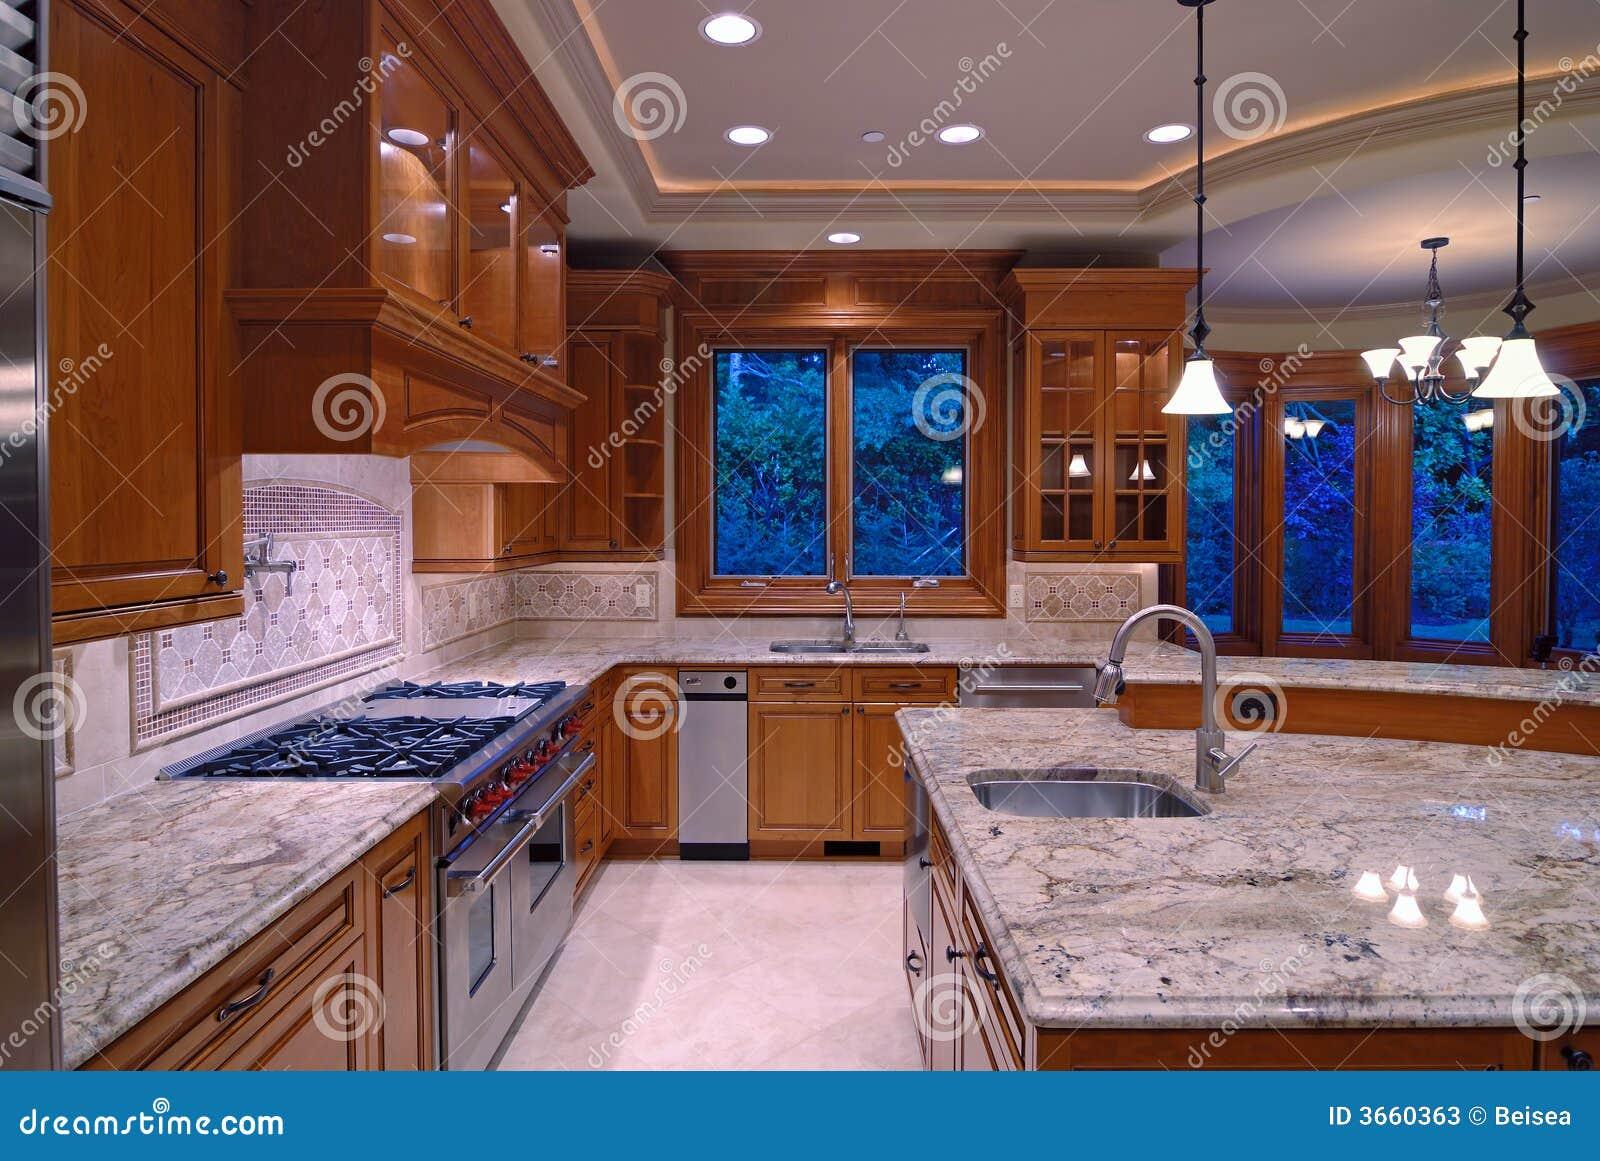 Amerikanische Küchen granit-küche stockbild. bild von ofen, amerikanisch, stahl - 3660363